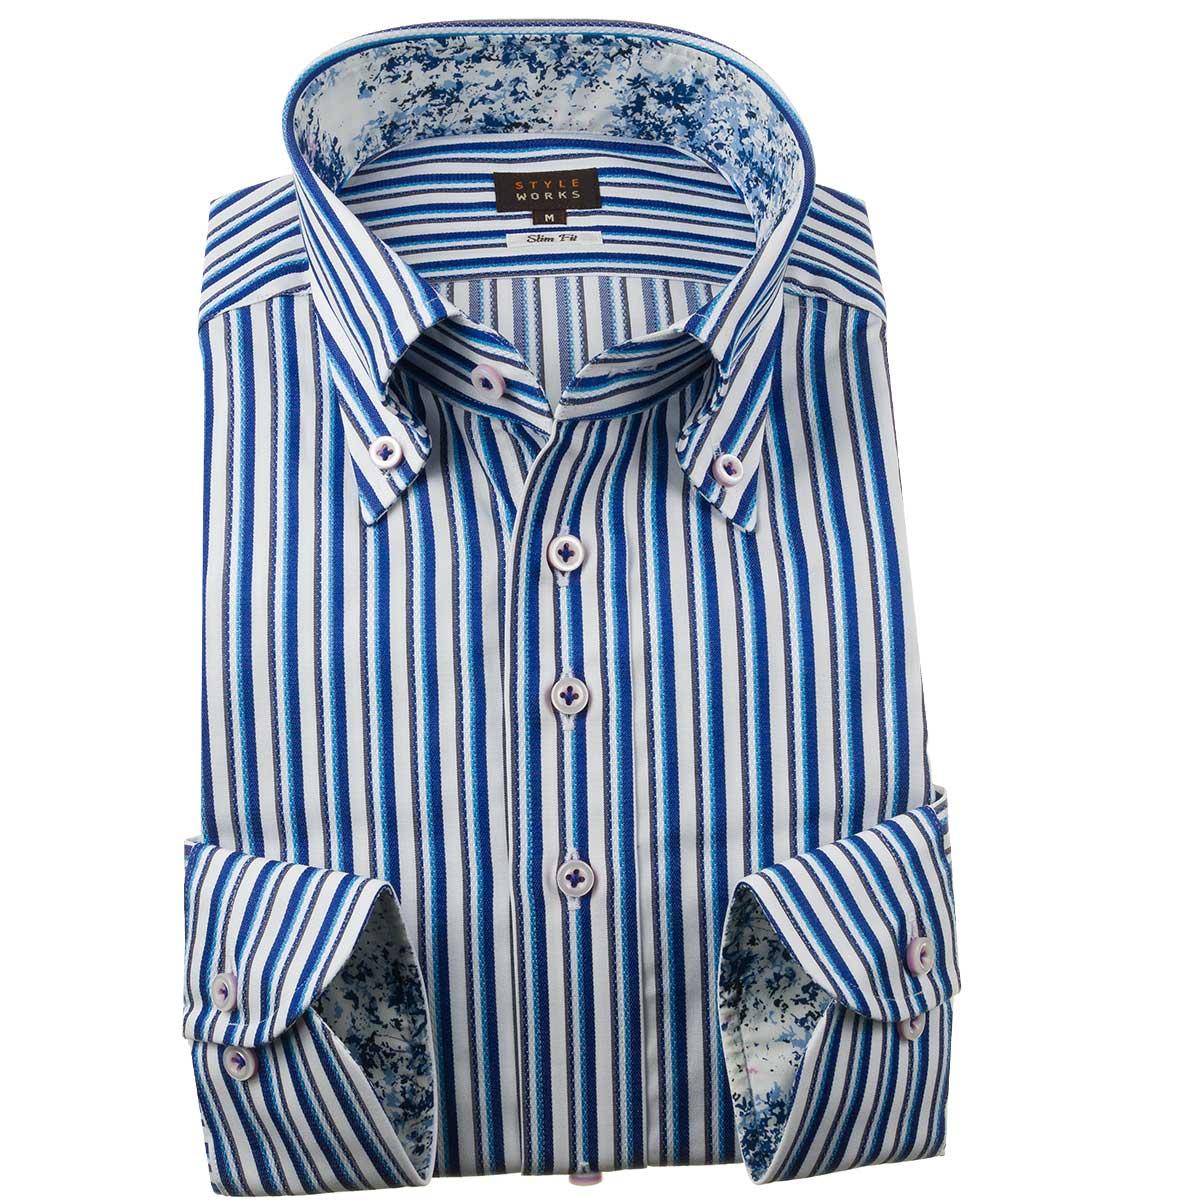 ドレスシャツ ワイシャツ シャツ メンズ 国産 長袖 スリムフィット ボタンダウン ブルーオルタネイトマルチストライプ 1910 fs3gm